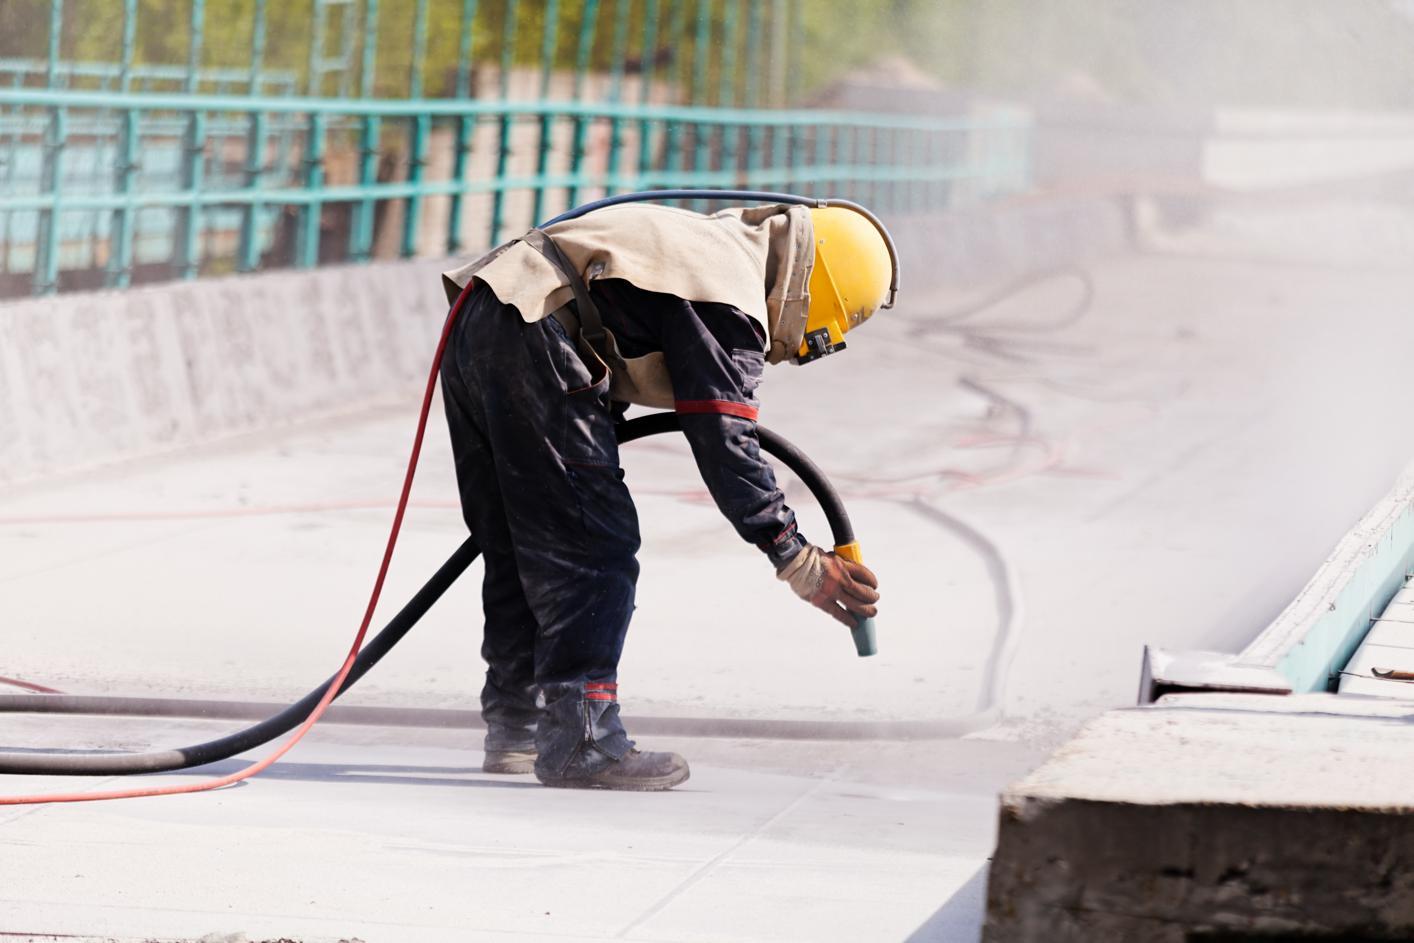 Man sandblasting concrete